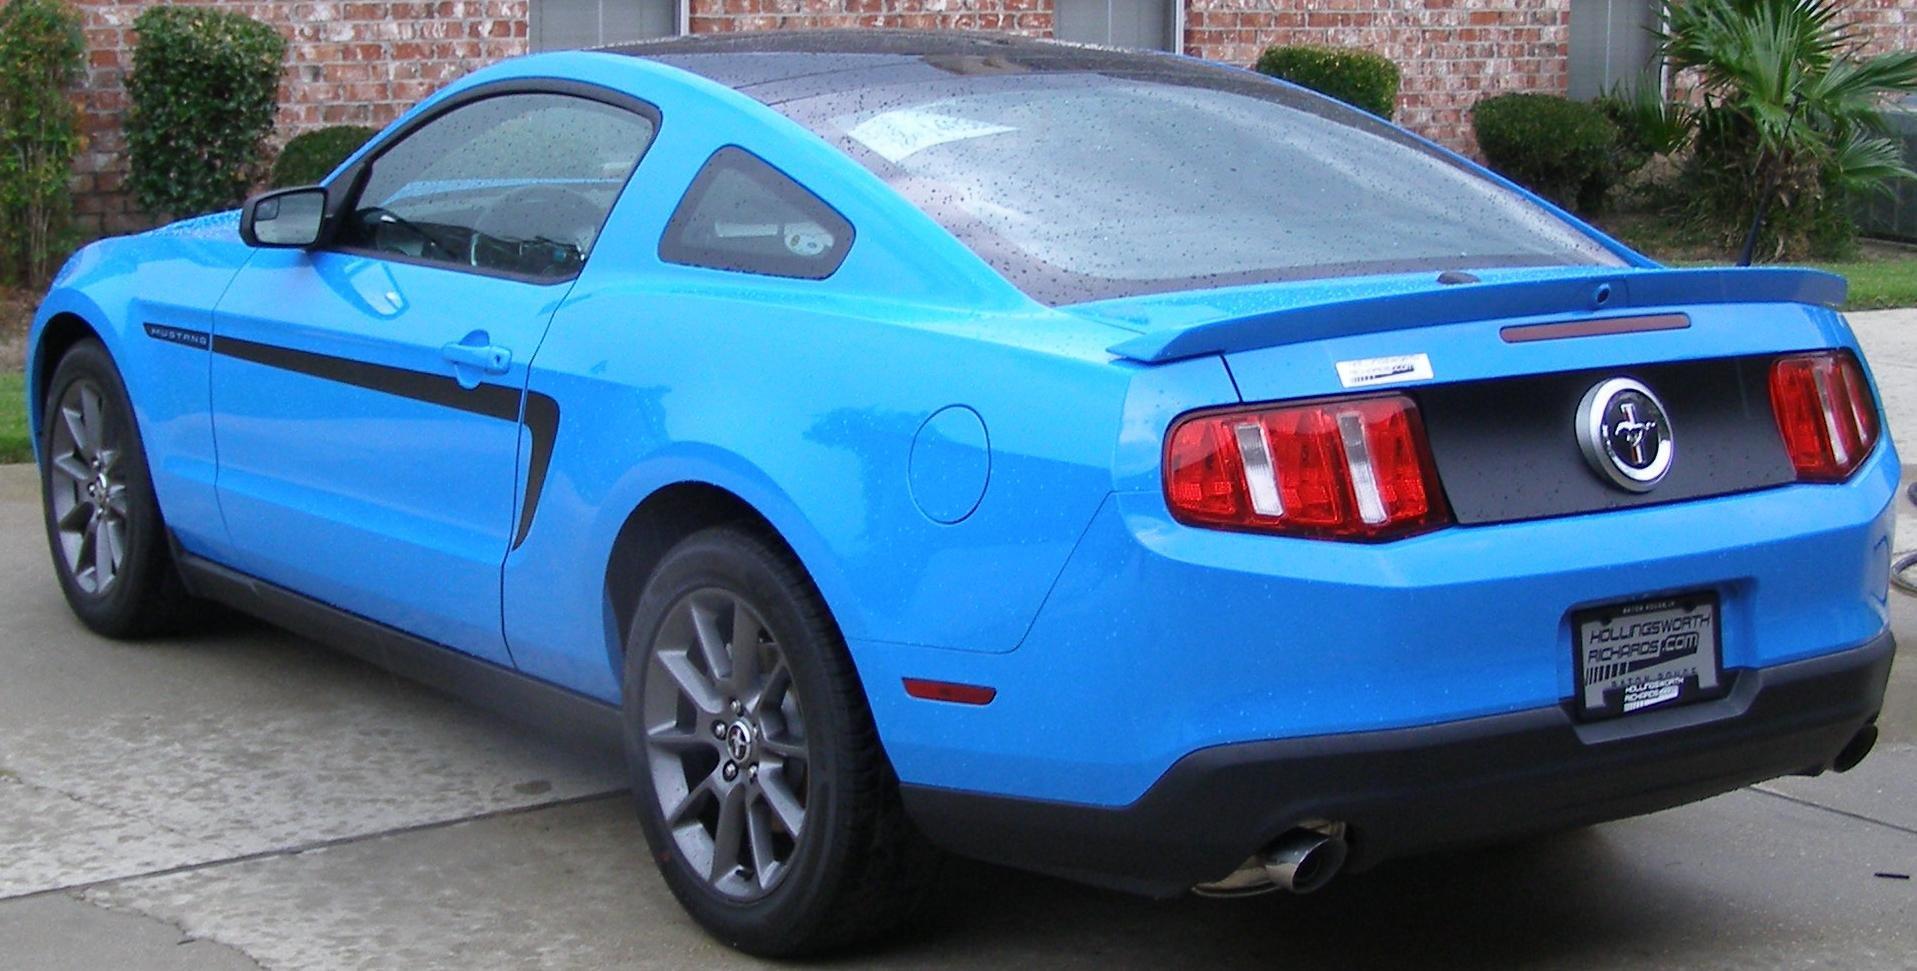 JPG Da Clic En La Imagen Para Una Versión En Grande Nombre: Mustang 004.